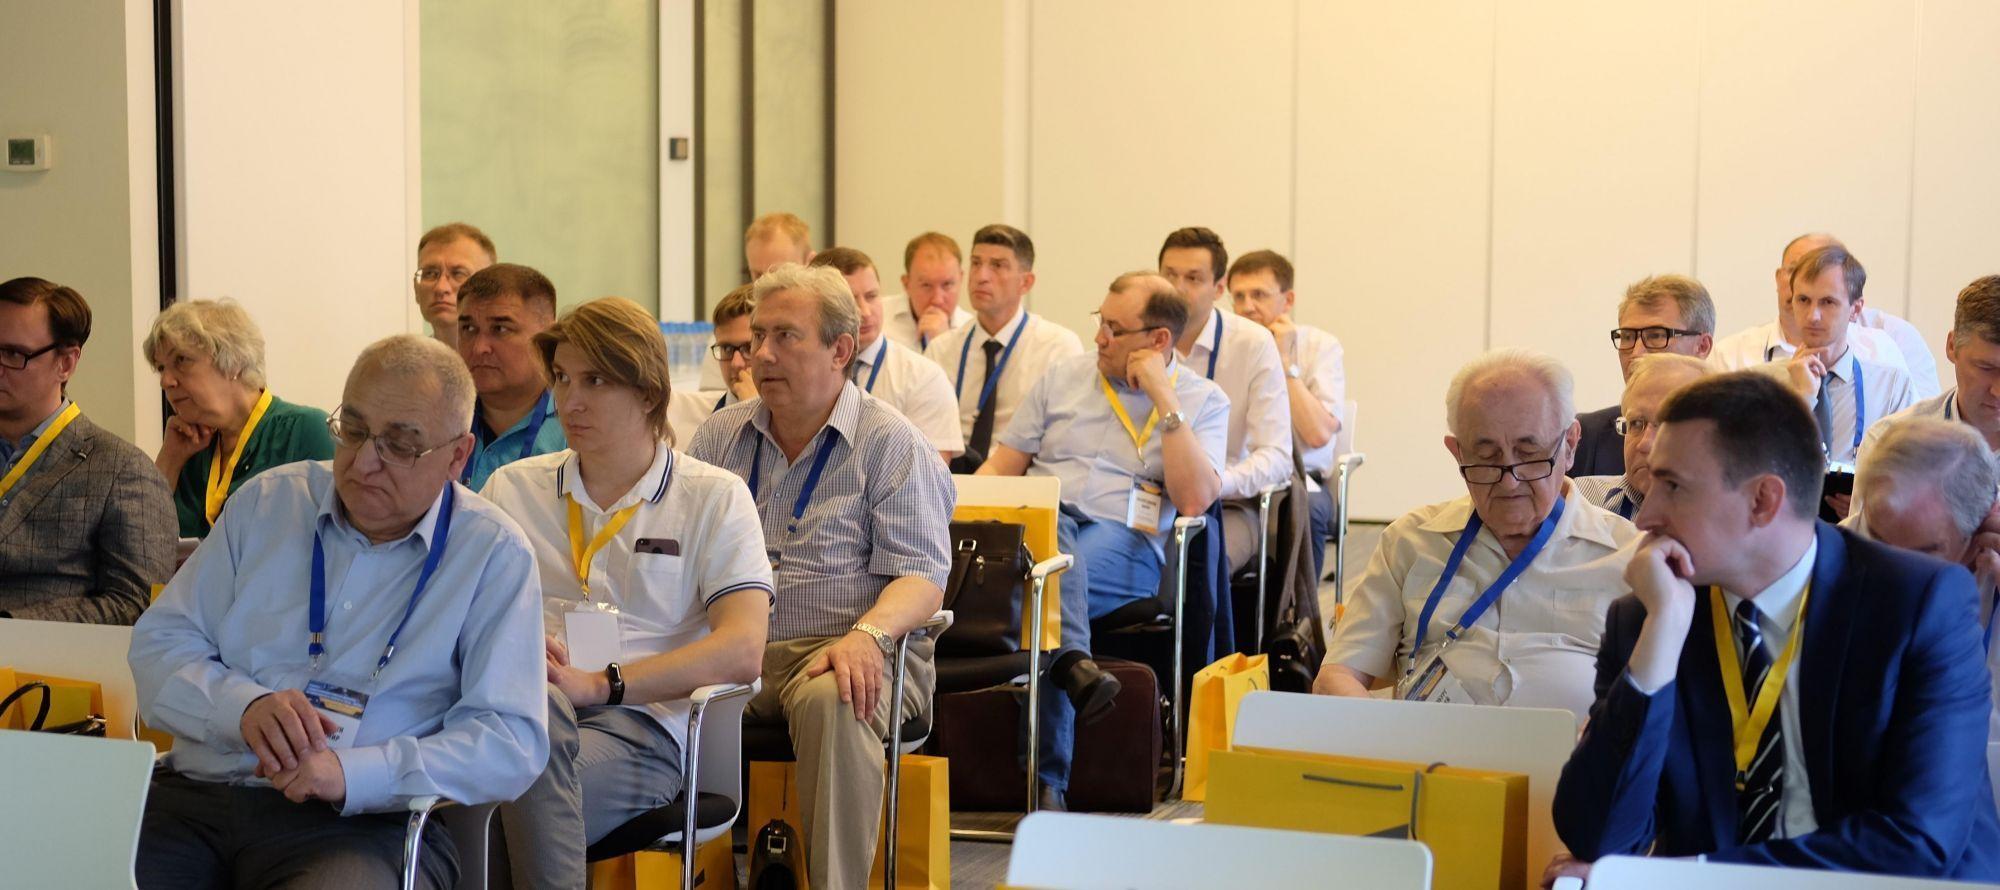 Продолжается подготовка 4-й Научно-технической конференции «Энергоэффективная добыча и переработка нефти-2021»